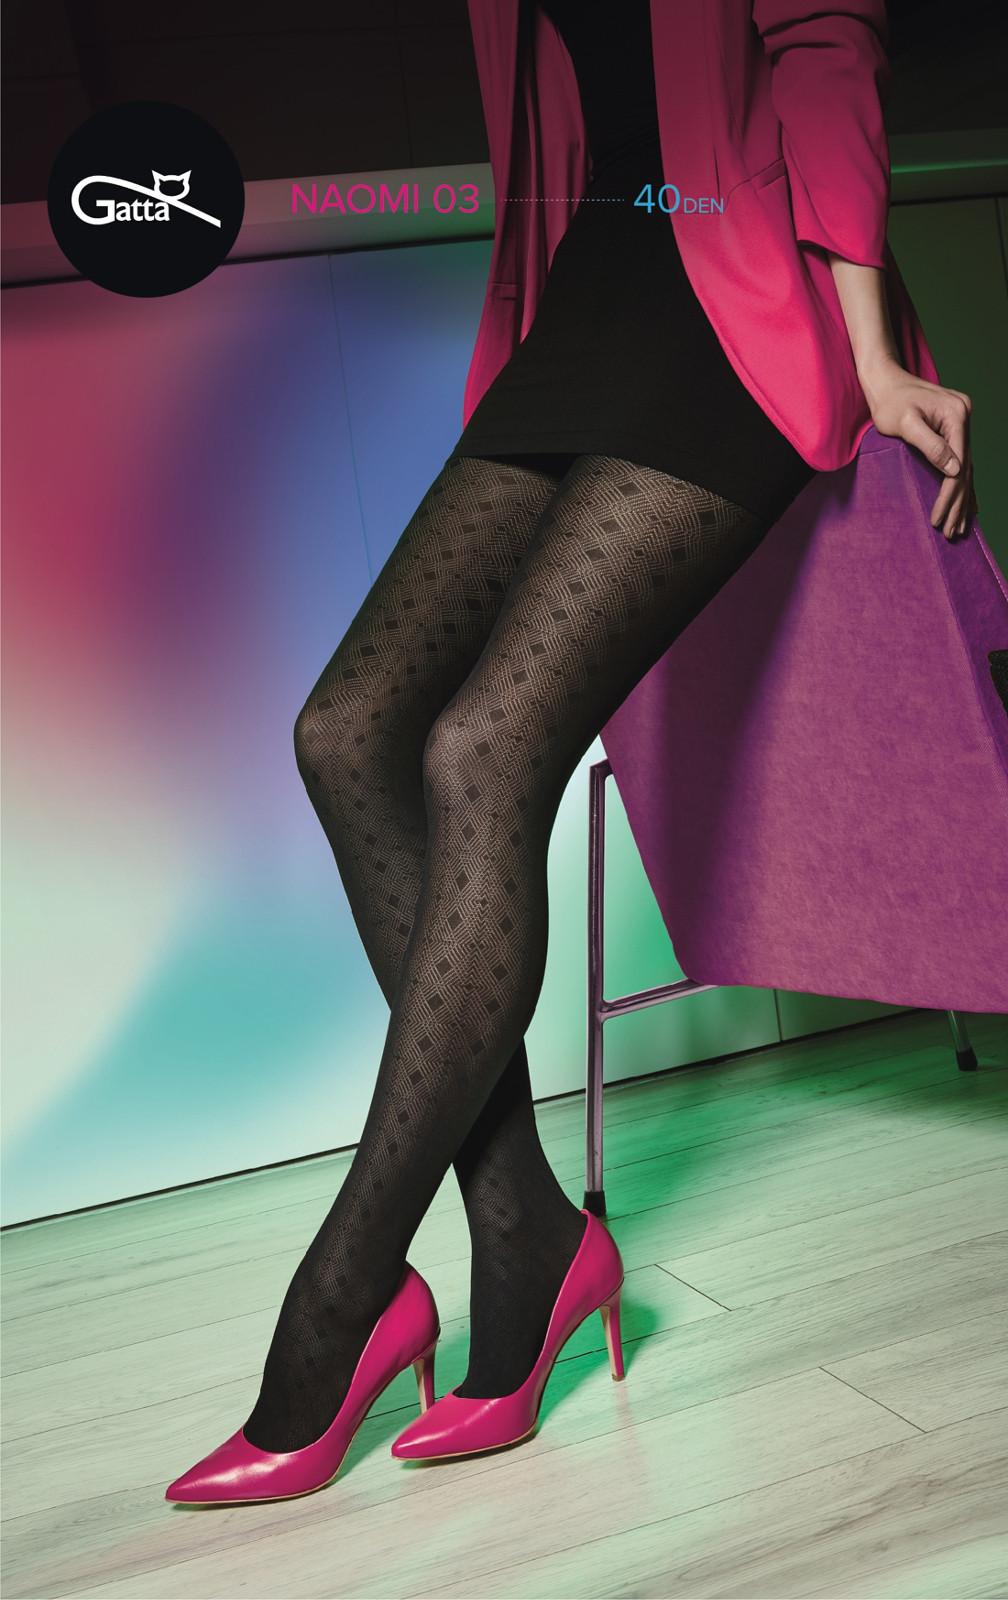 Dámské punčochové kalhoty Naomi 03 - 40 den - Gatta černá 4-L 65c8dbadbe